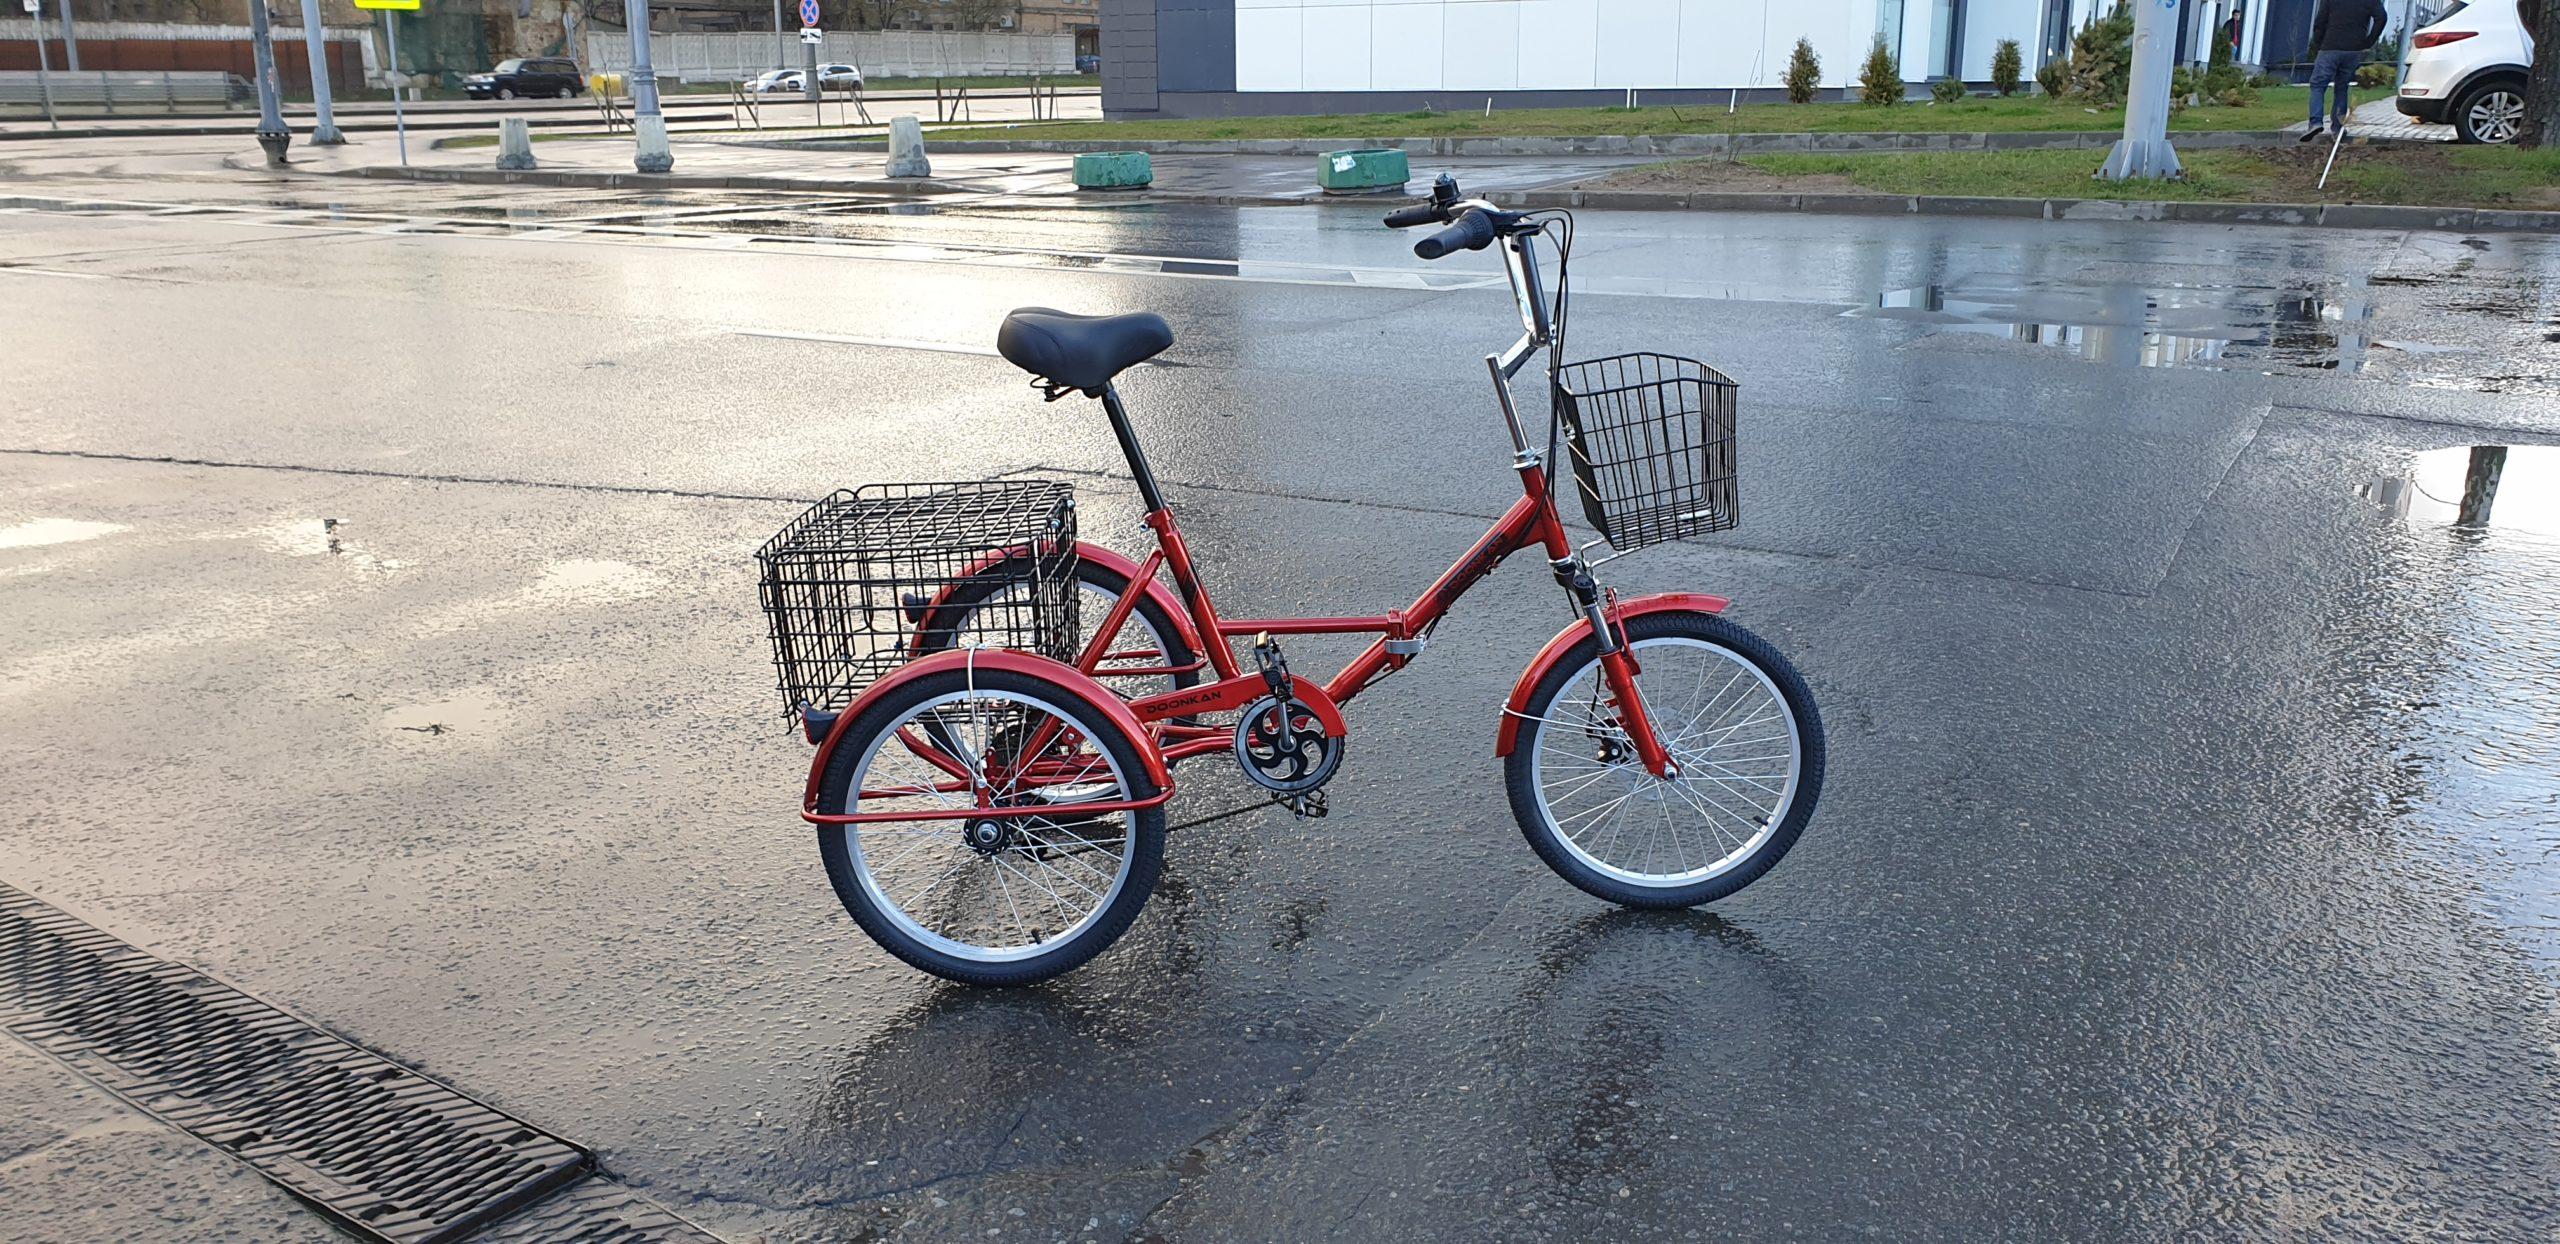 Трехколесный велосипед для взрослых Doonkan Trike 20 Красный складной трицикл трайк